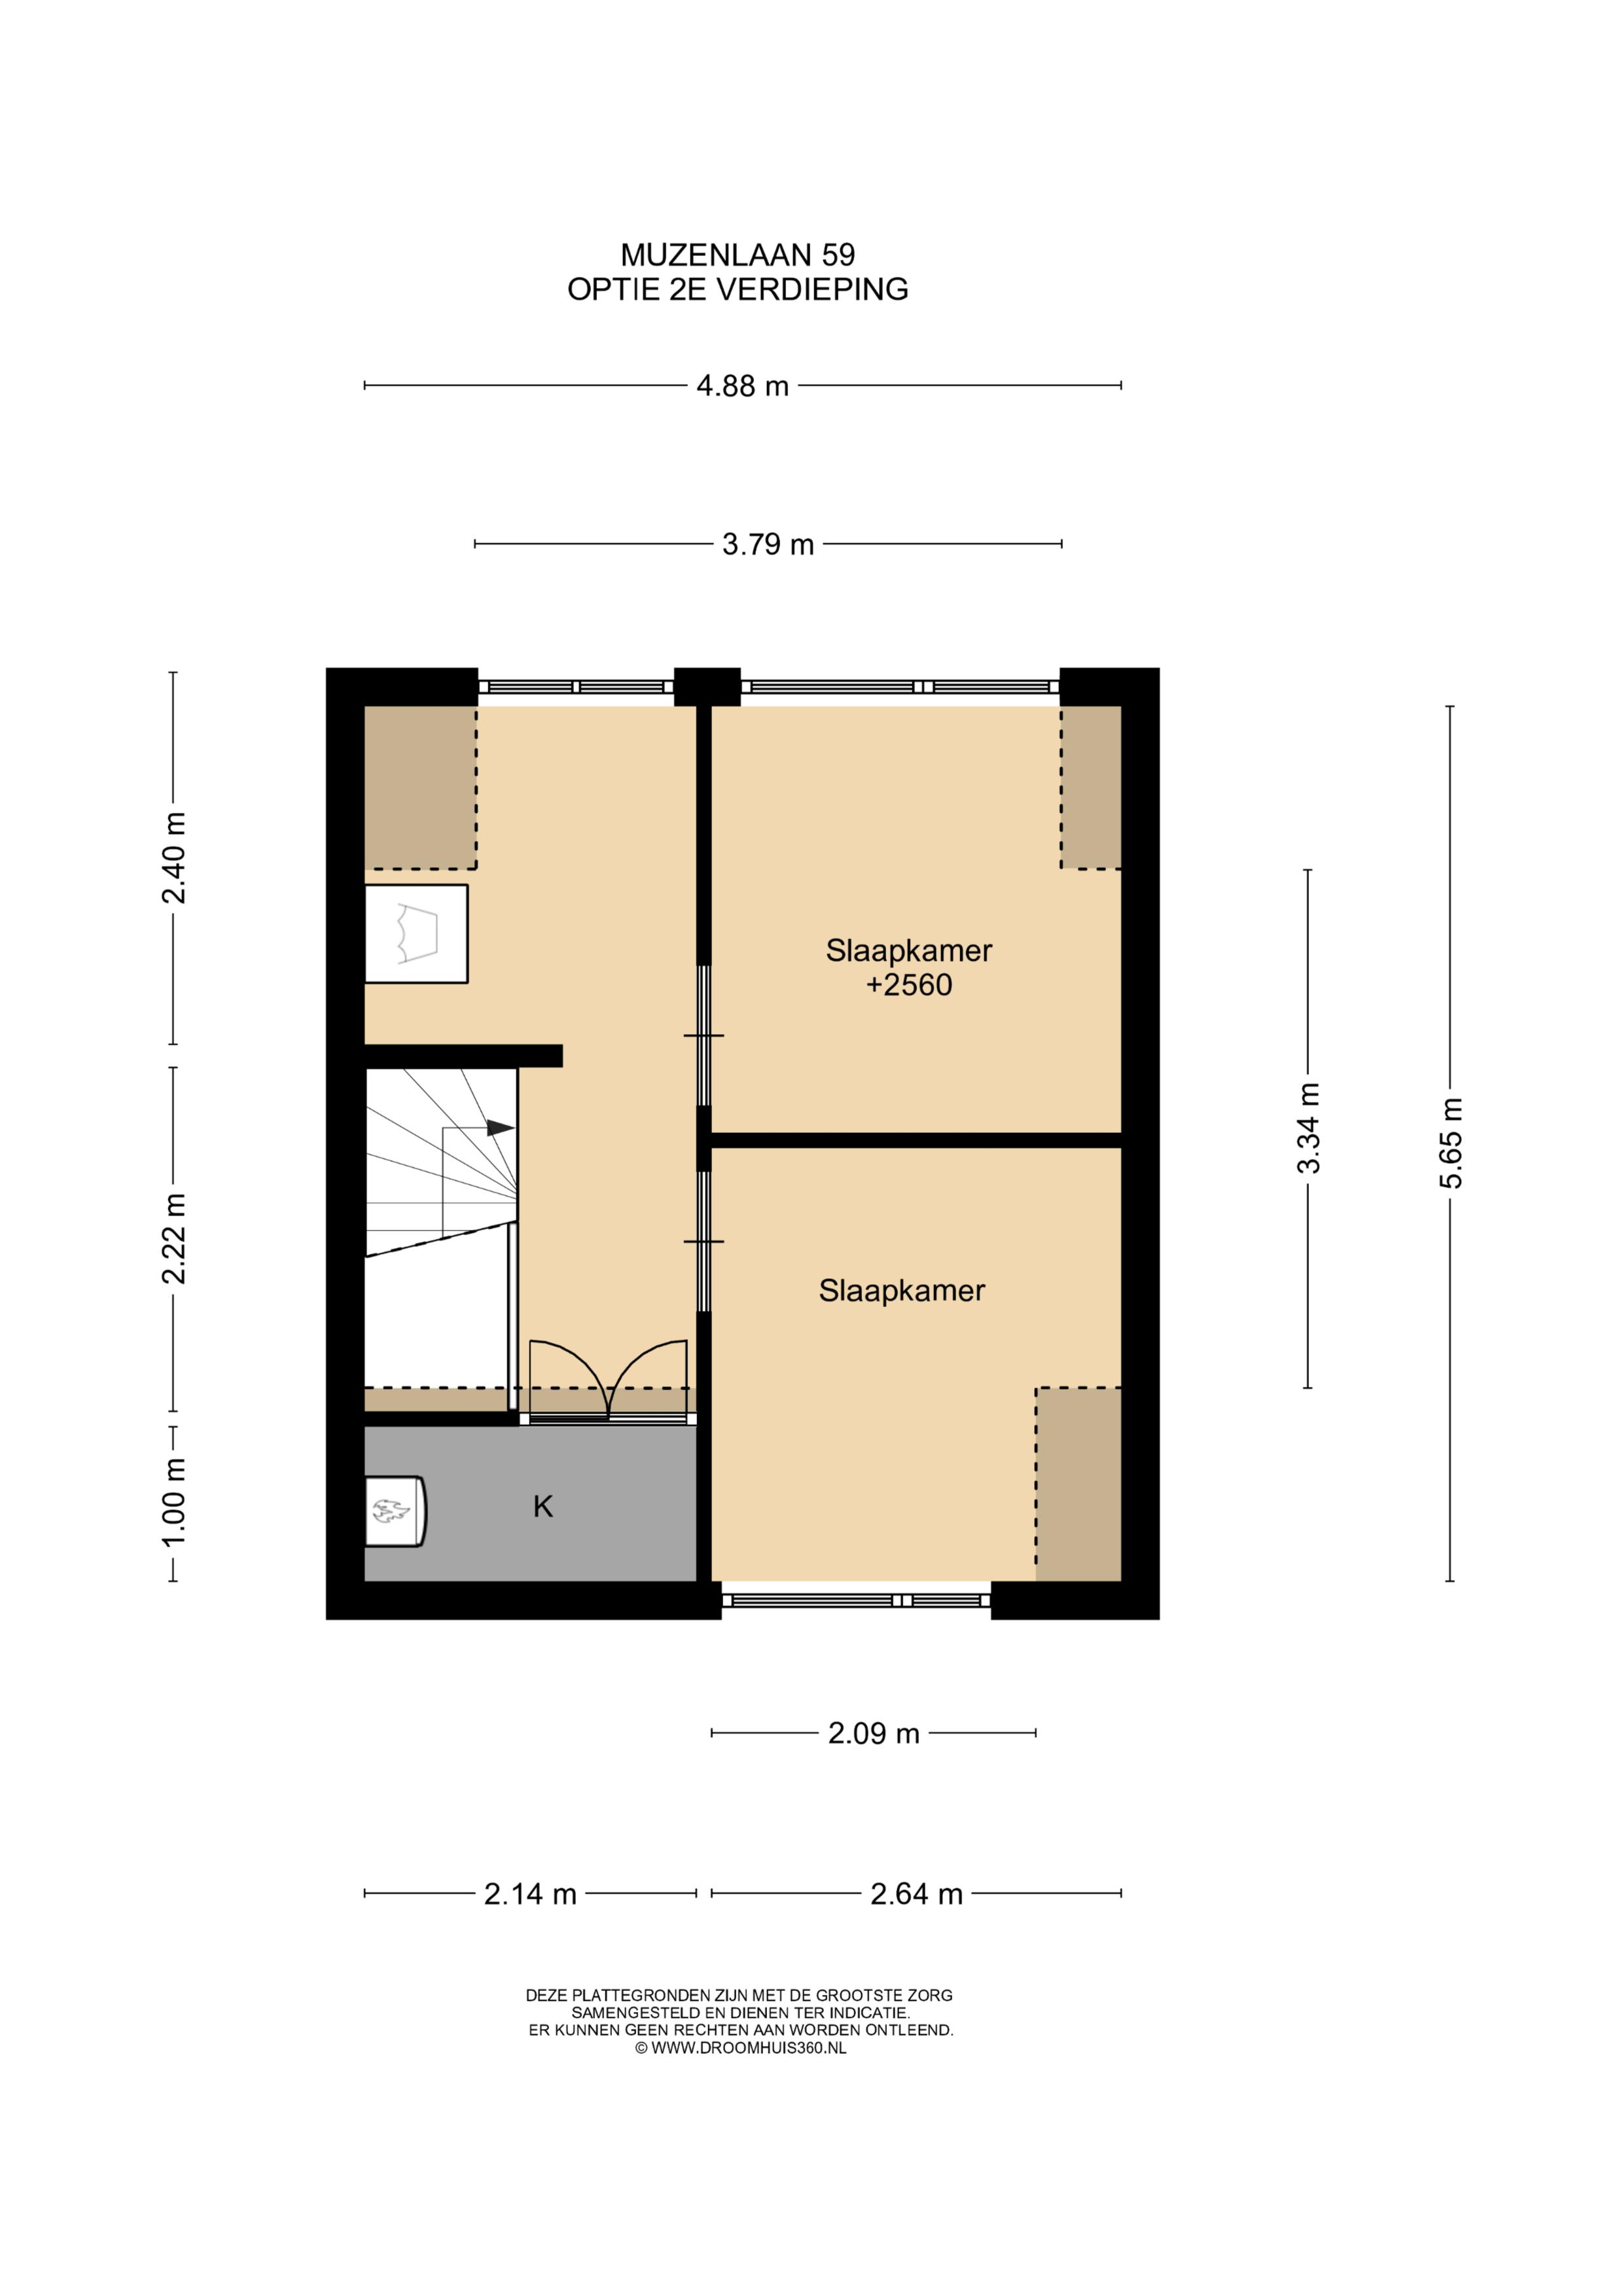 Optie tweede verdieping